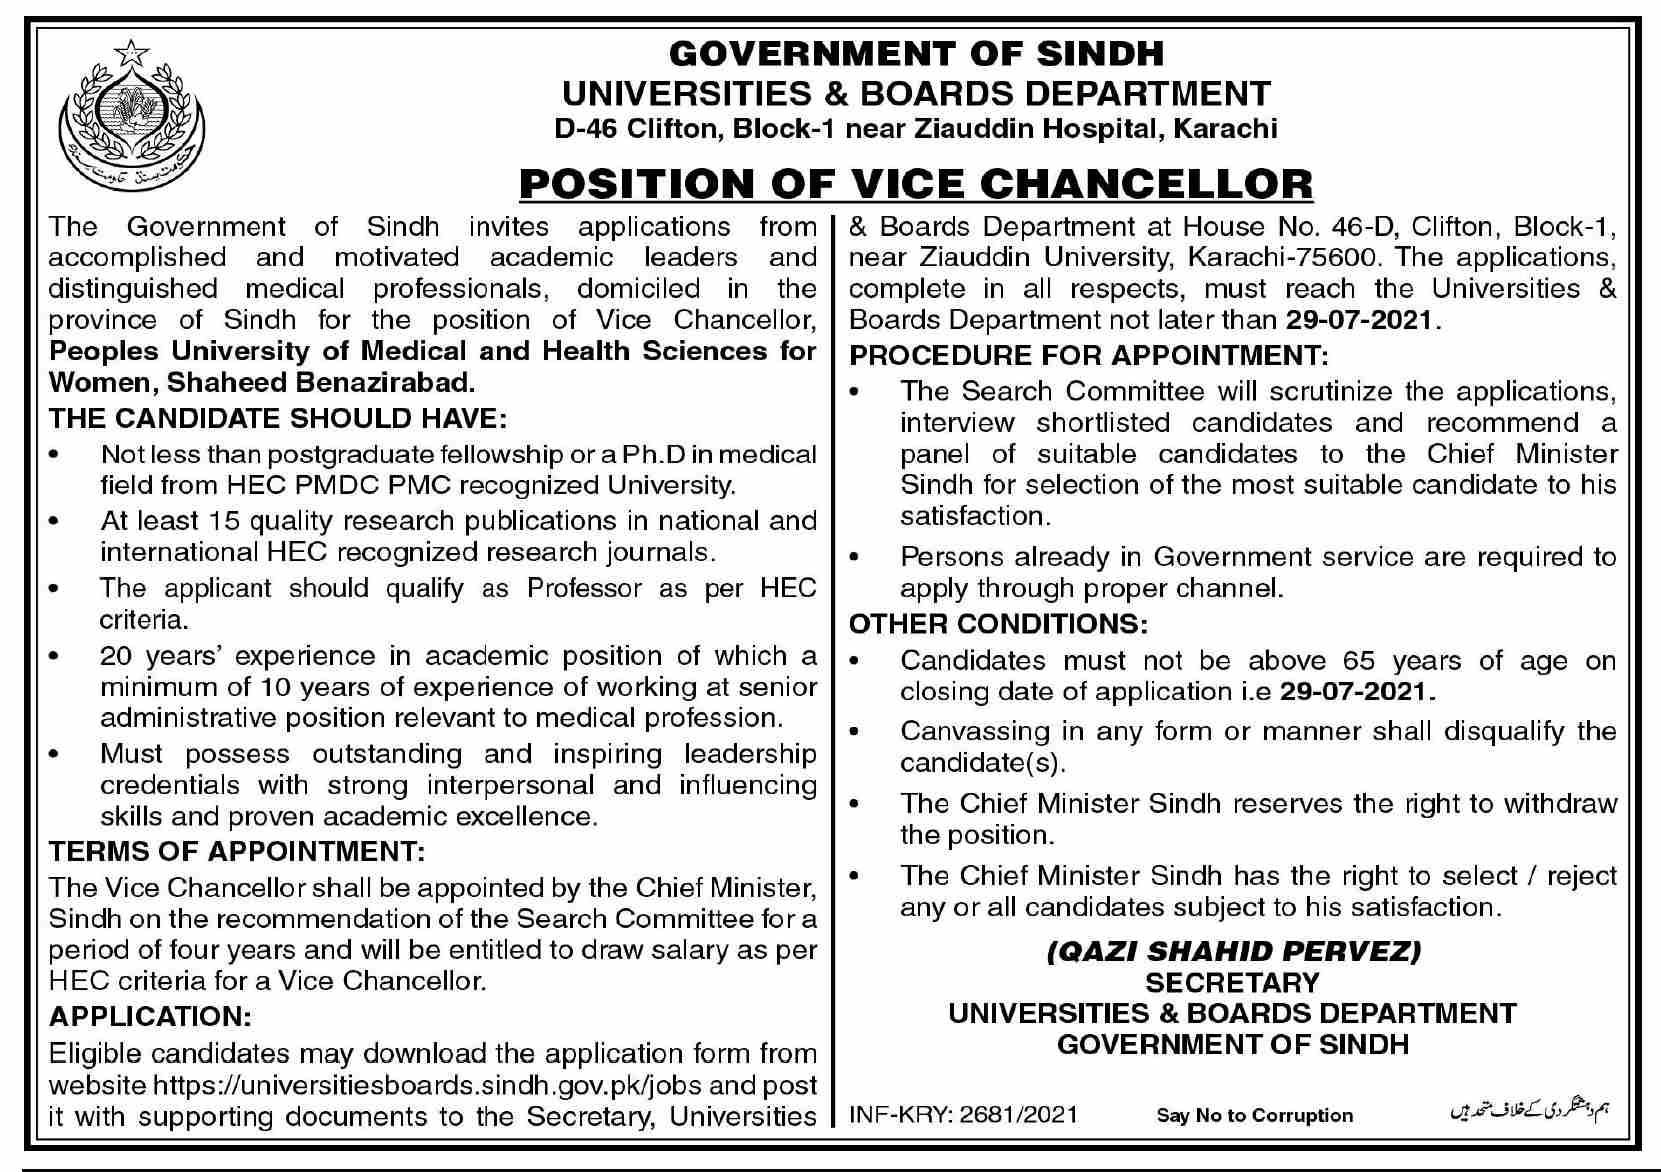 https://universitiesboards.sindh.gov.pk Jobs 2021 - Universities & Boards Department Sindh Jobs 2021 in Pakistan